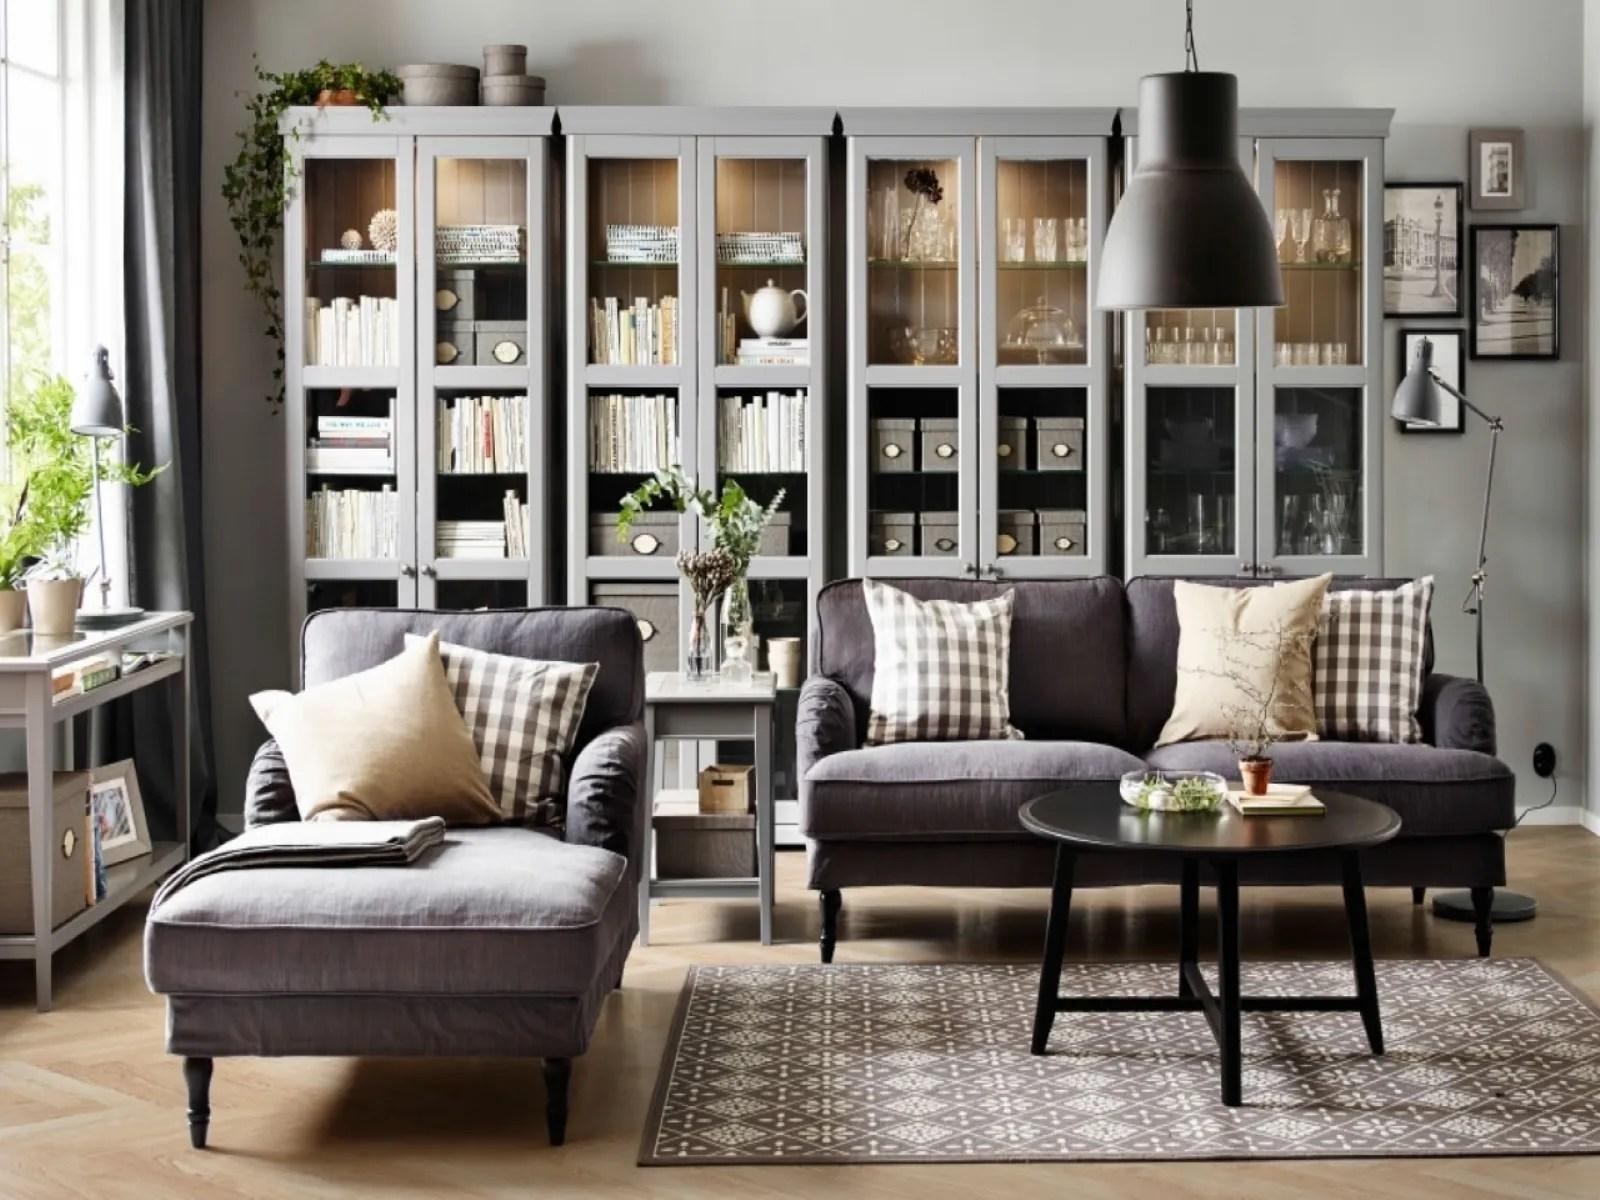 Soggiorni Ikea low cost e moderni  Mobili Soggiorno